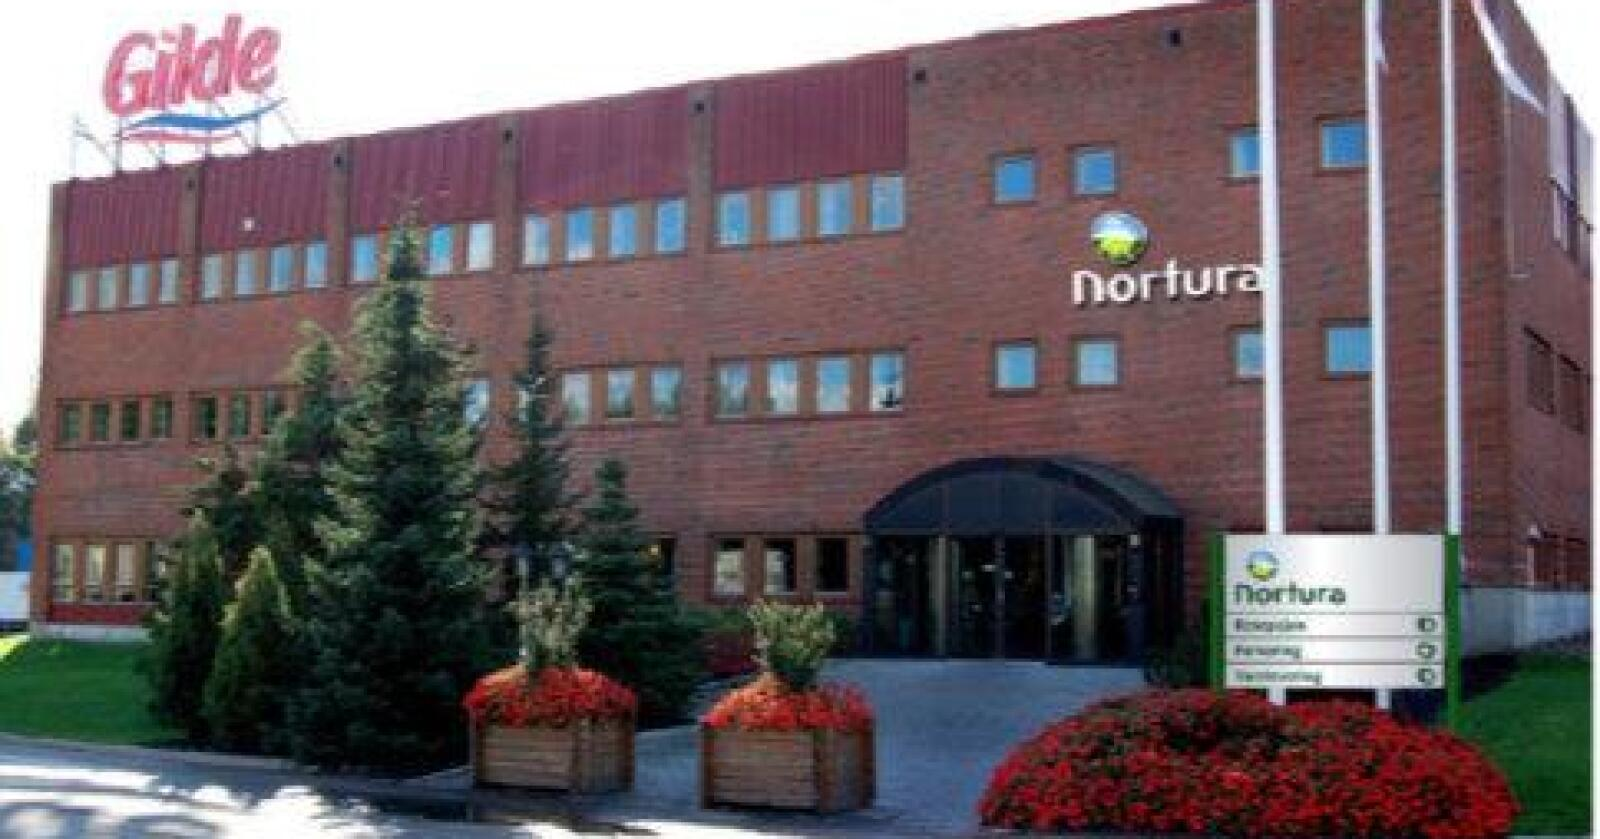 Etter planen, skal den nye slaktelinja i Tønsberg stå klar i august 2022. På bildet sees Norturas anlegg i Tønsberg per 2020. Foto: Nortura